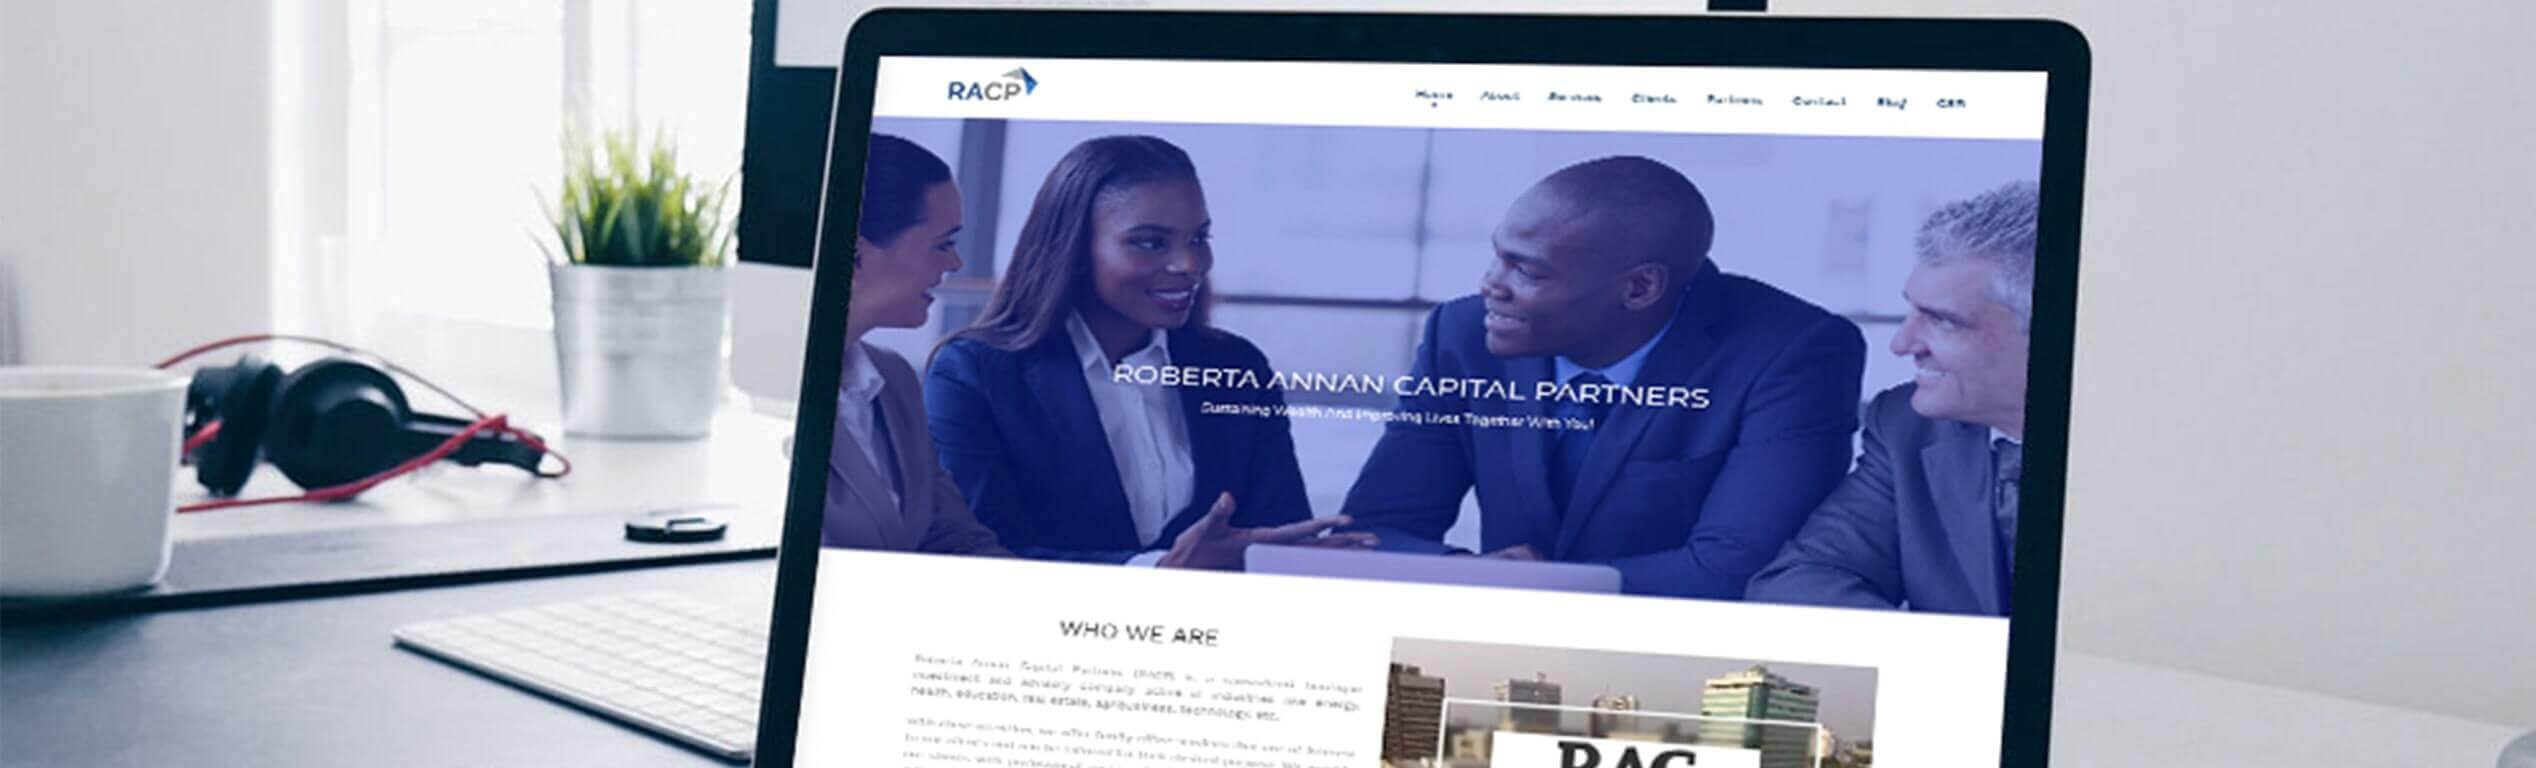 Roberta Annan Capital Partners